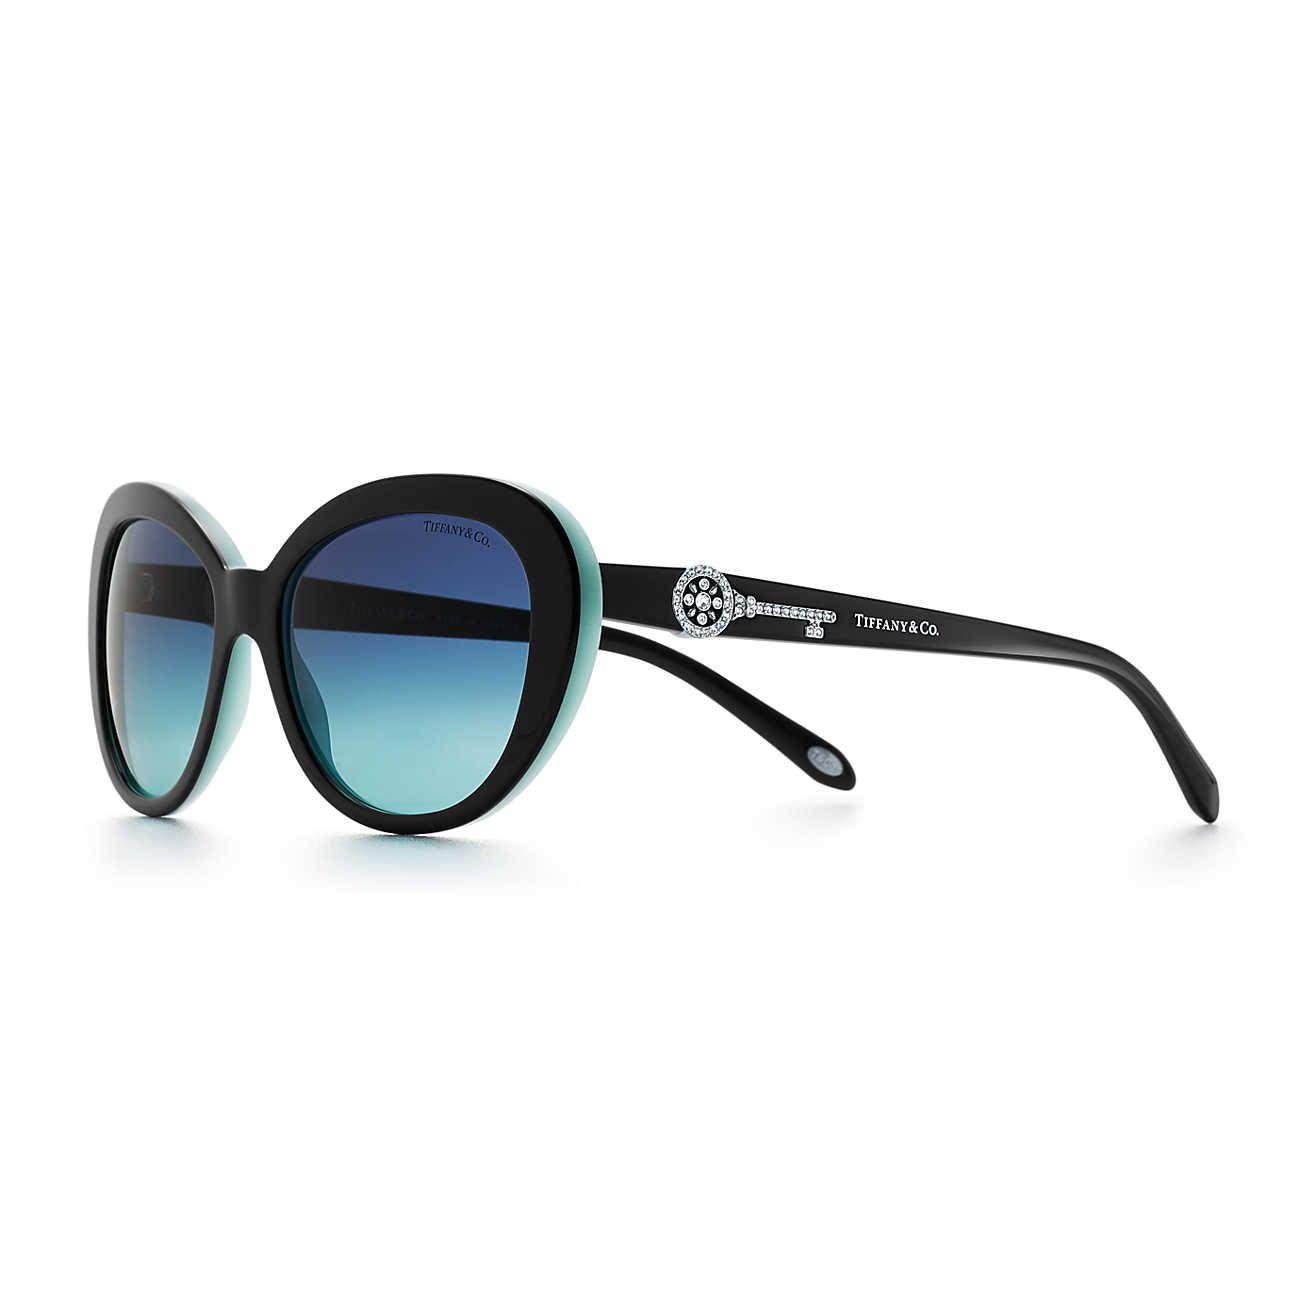 47ca40493ded Tiffany Keys Oval Sunglasses